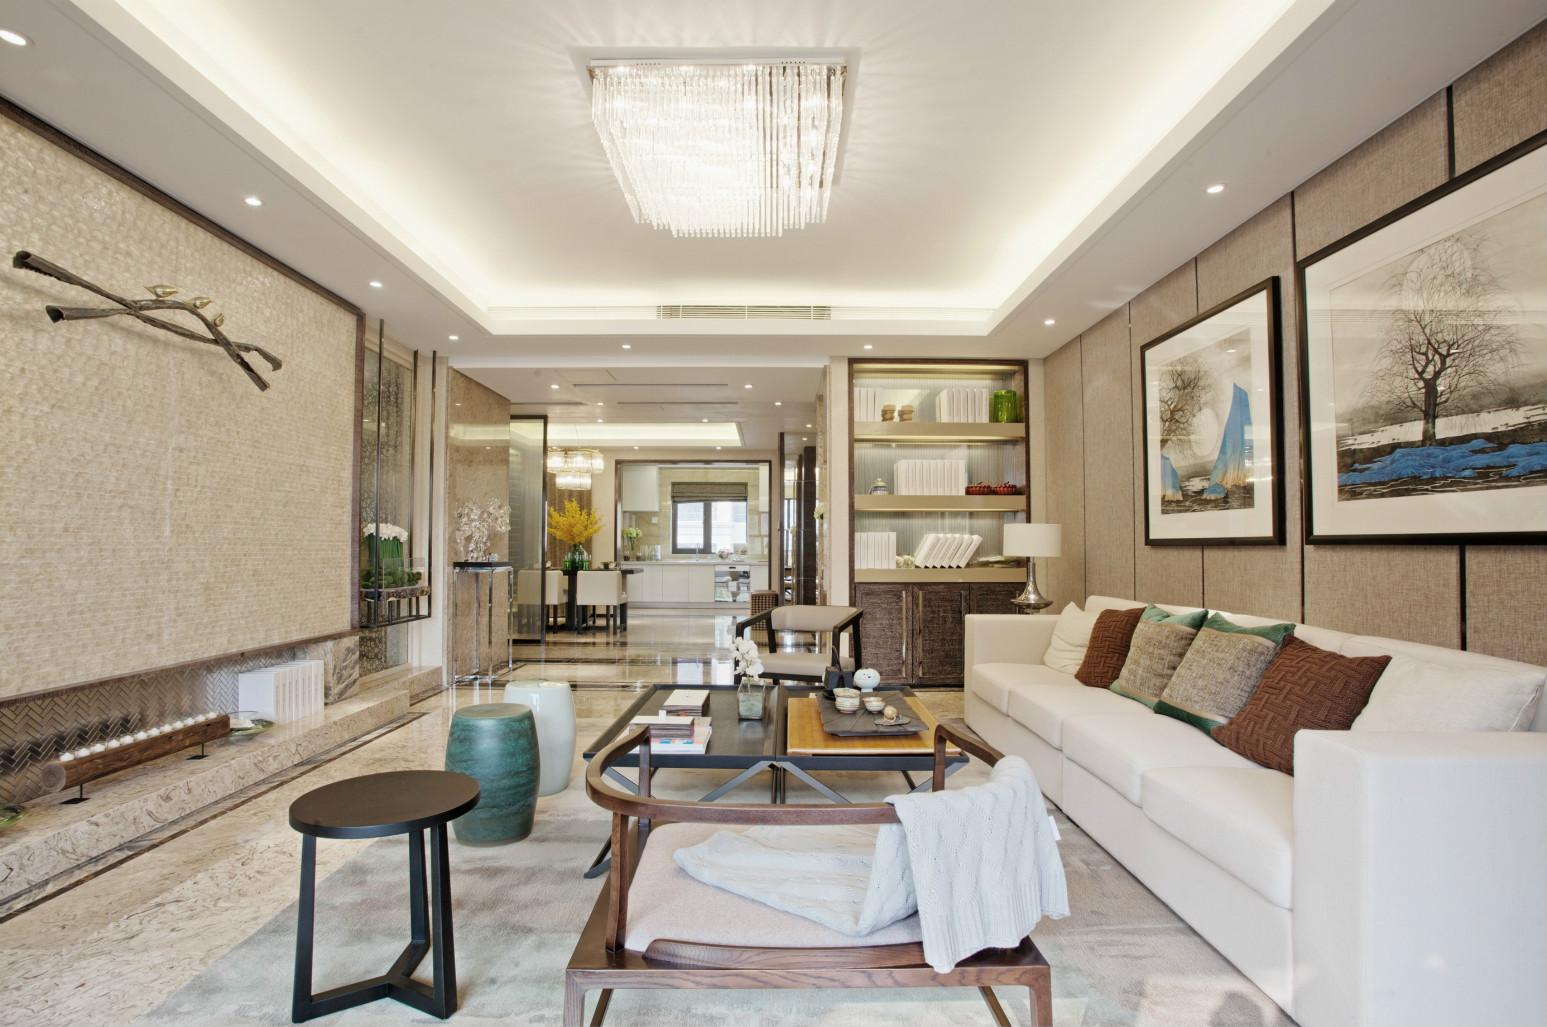 客厅整体以柔和的米白色与白色系作为主色调。